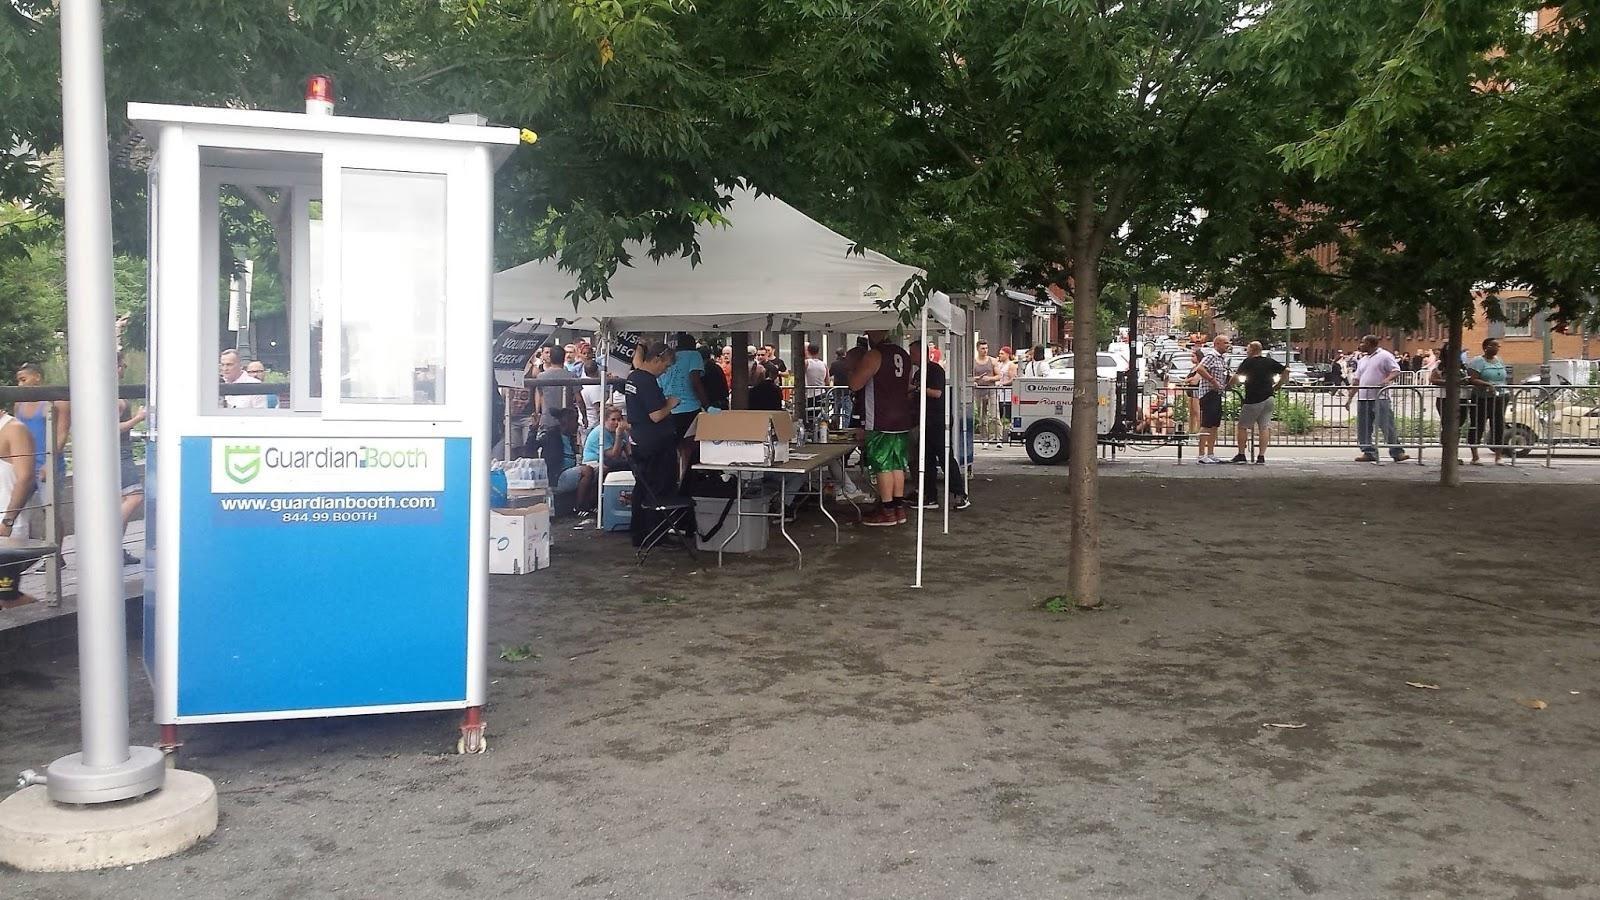 Guardian Booth food kiosk at park